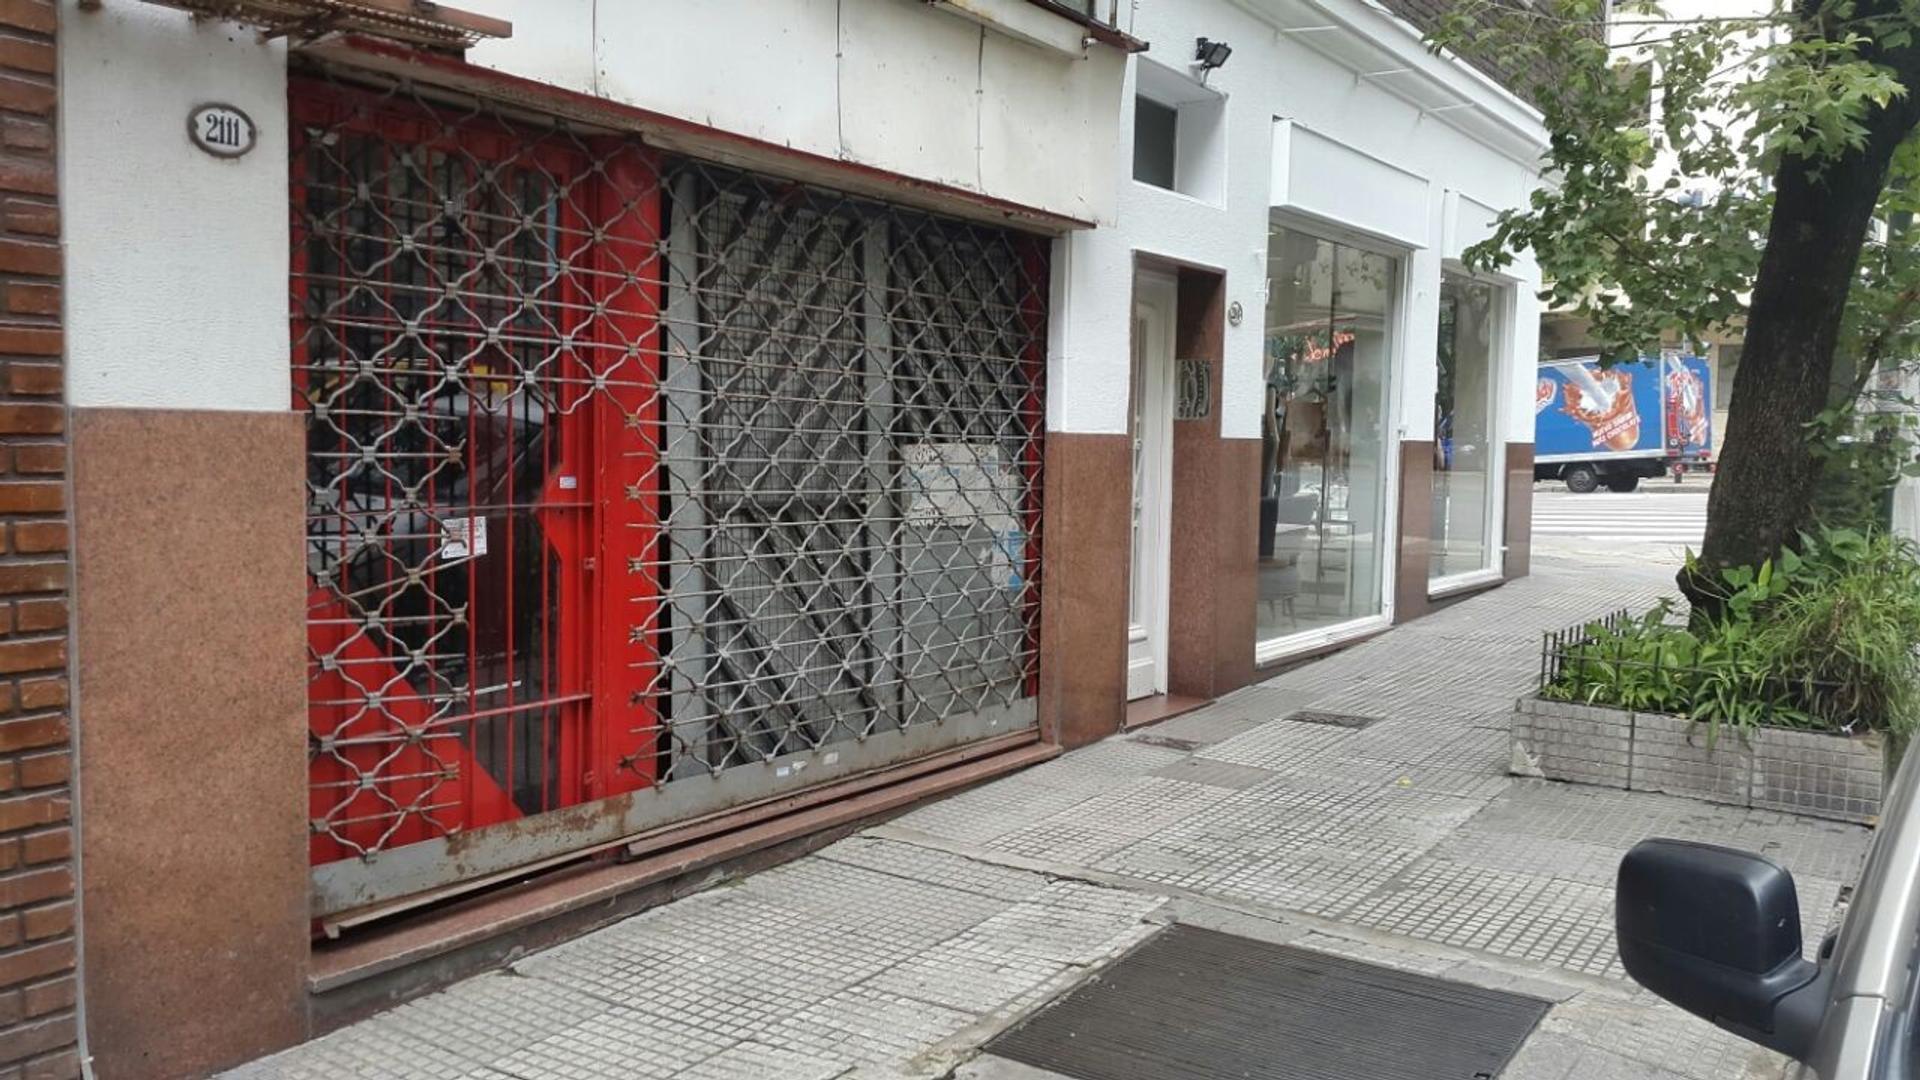 Local de 12 mts en Barrancas de Belgrano. Excelente ubicación